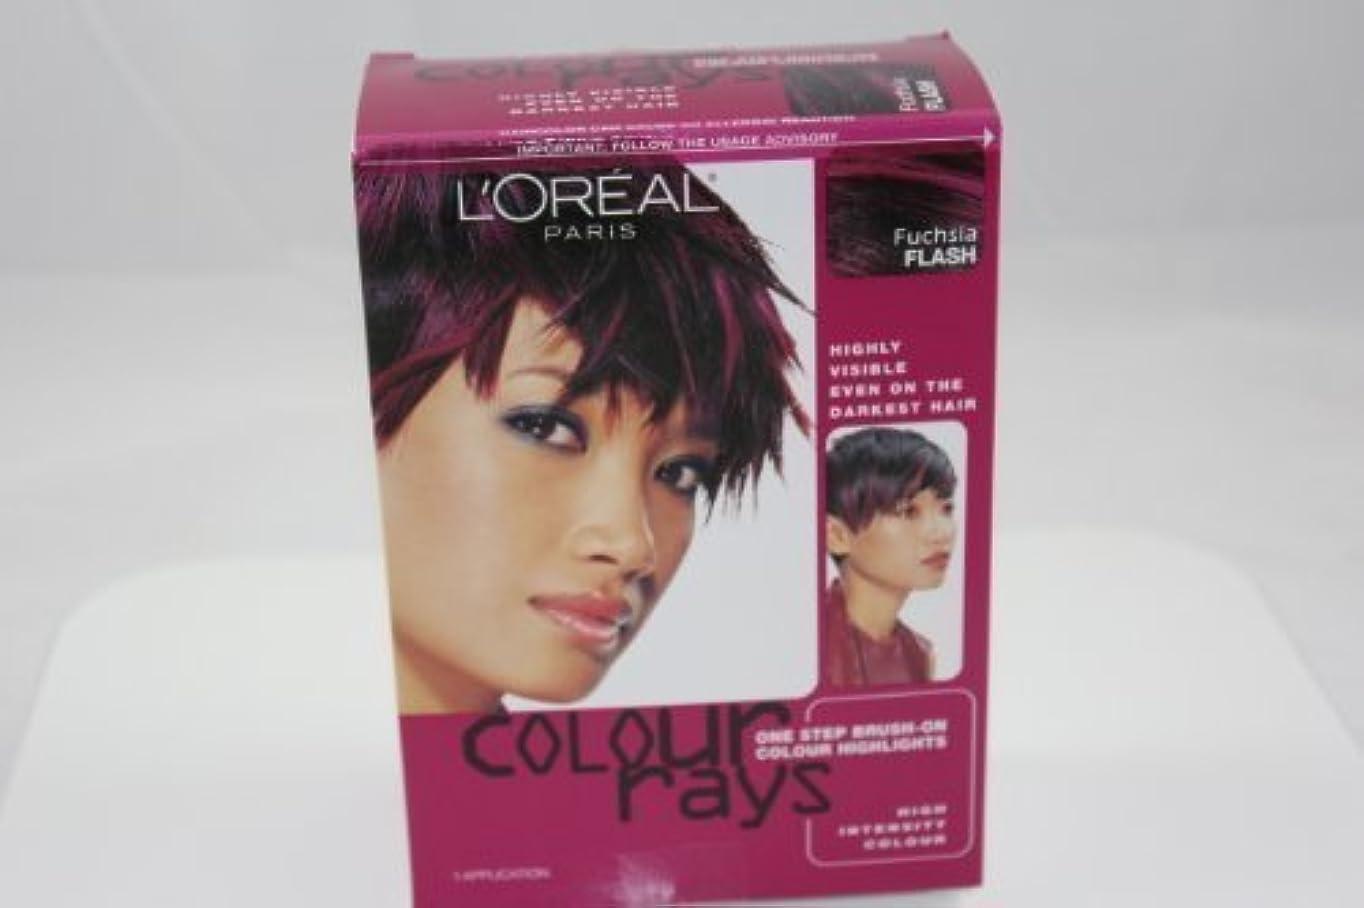 グレード力強い戻すL'Oreal Paris Colour Rays Hair Color, Fuschia Flash by L'Oreal Paris Hair Color [並行輸入品]